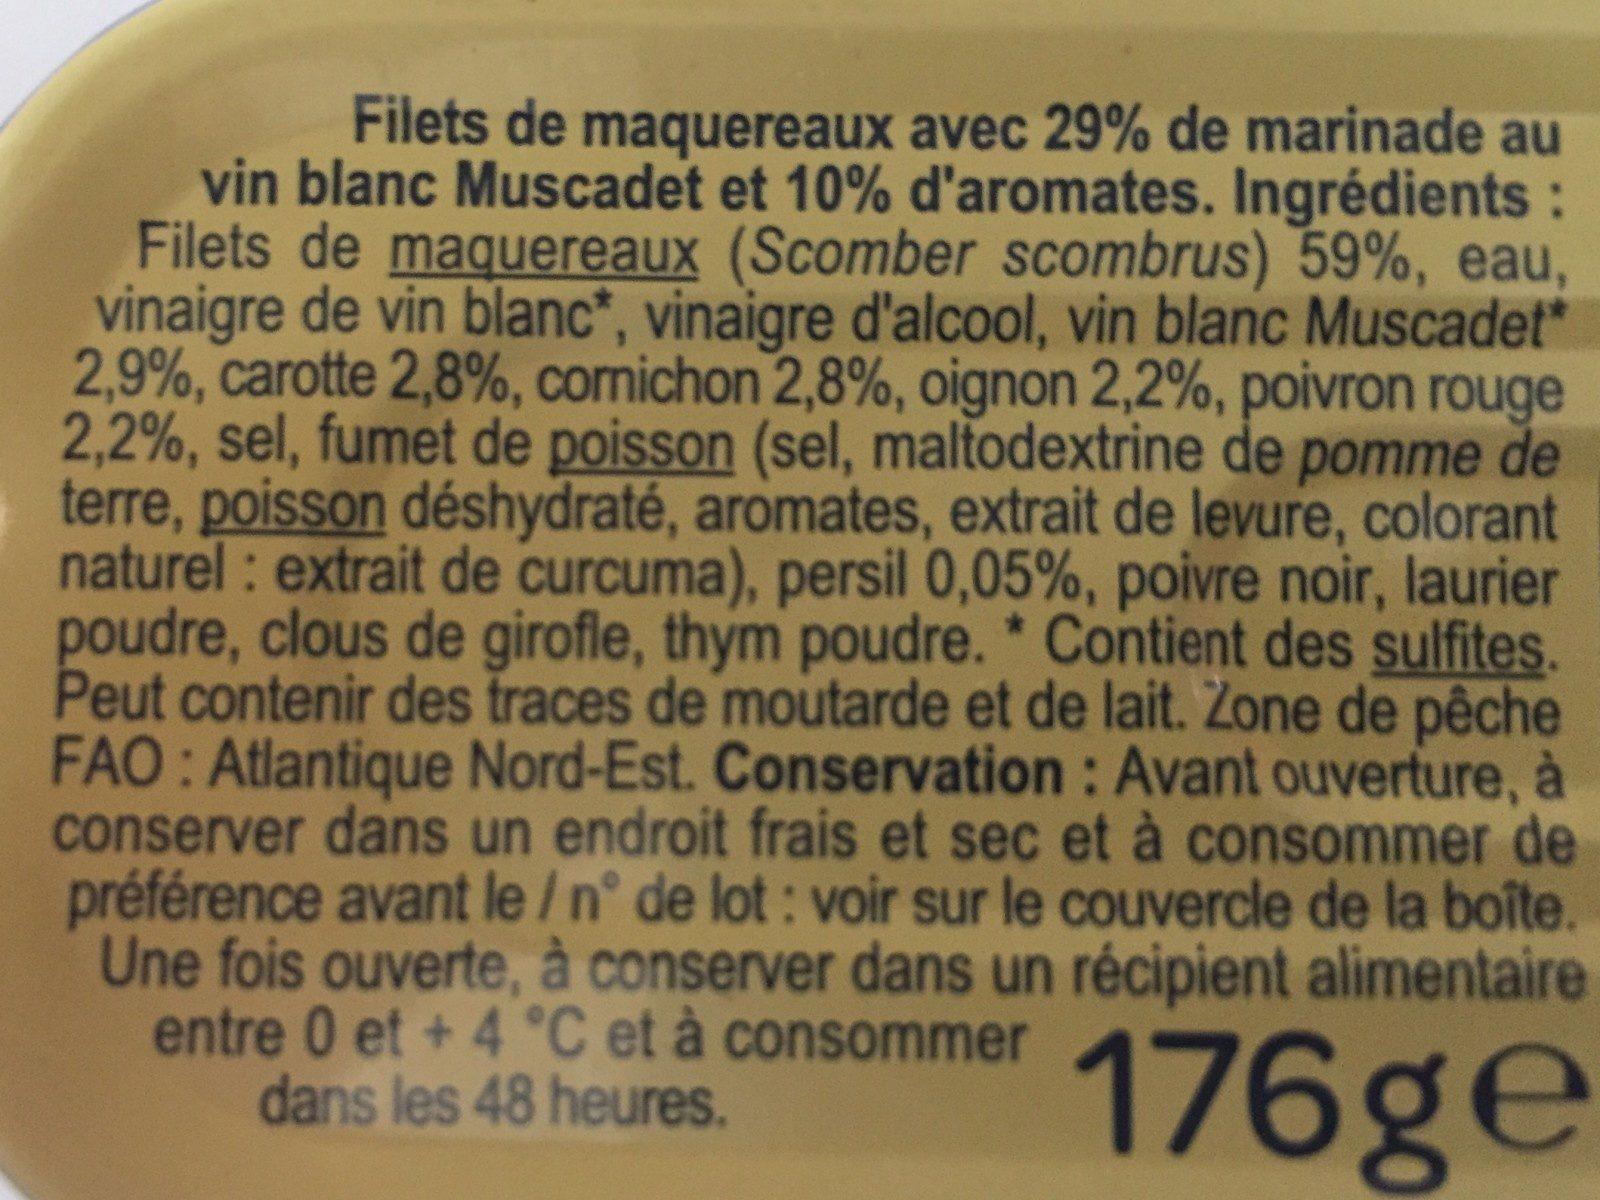 Filets de maquereaux marinés au muscadet et aux 5 aromates - Ingredients